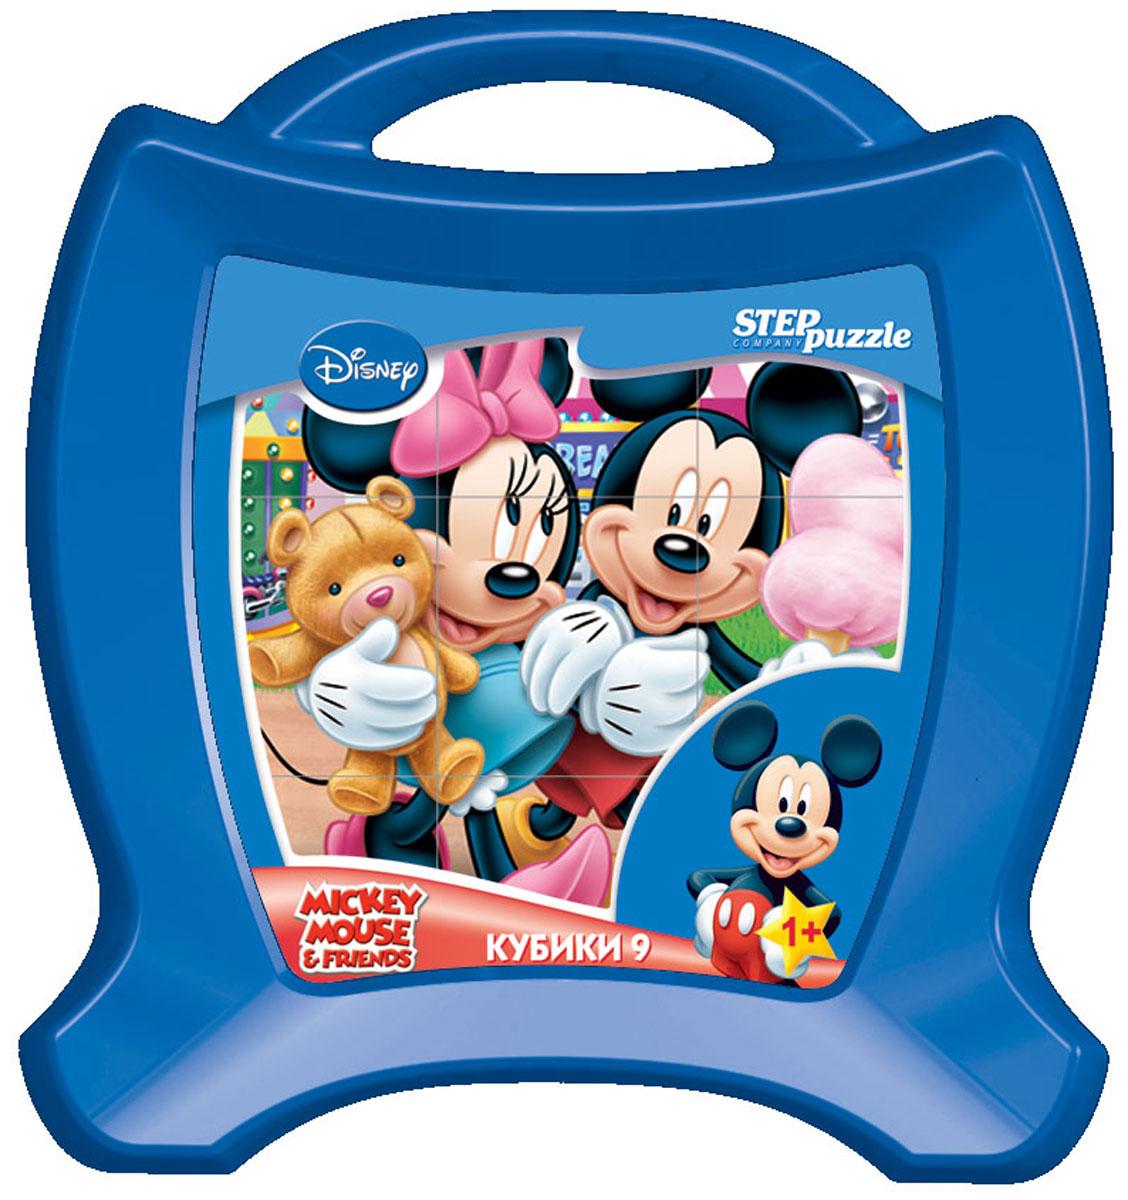 Step Puzzle Кубики Микки Маус в чемоданчике 9 шт87113С помощью кубиков Step Puzzle Микки Маус ребенок сможет собрать целых шесть красочных картинок с любимыми героями мультсериала о Микки Маусе и его друзьях. Игра с кубиками развивает зрительное восприятие, наблюдательность, мелкую моторику рук и произвольные движения. Ребенок научится складывать целостный образ из частей, определять недостающие детали изображения. Это прекрасный комплект для развлечения и времяпрепровождения с пользой для малыша.